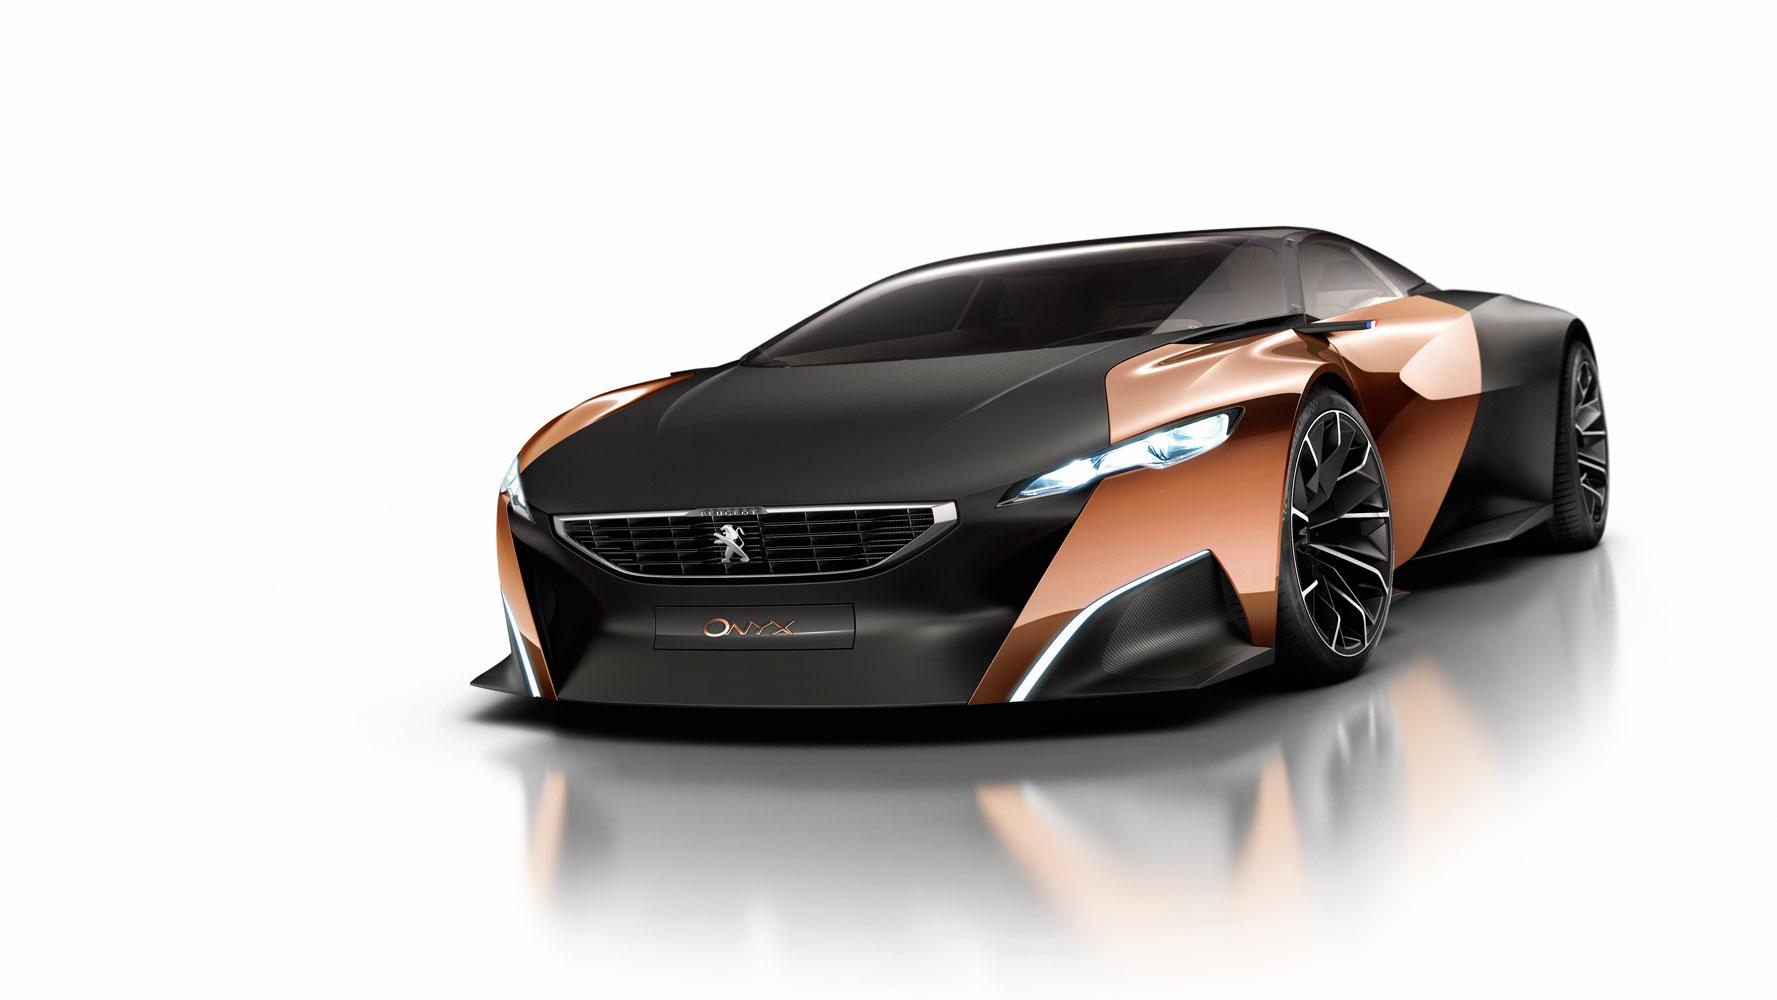 Peugeot Onyx: Hybrid-Concept auf Pariser Autosalon [Video]